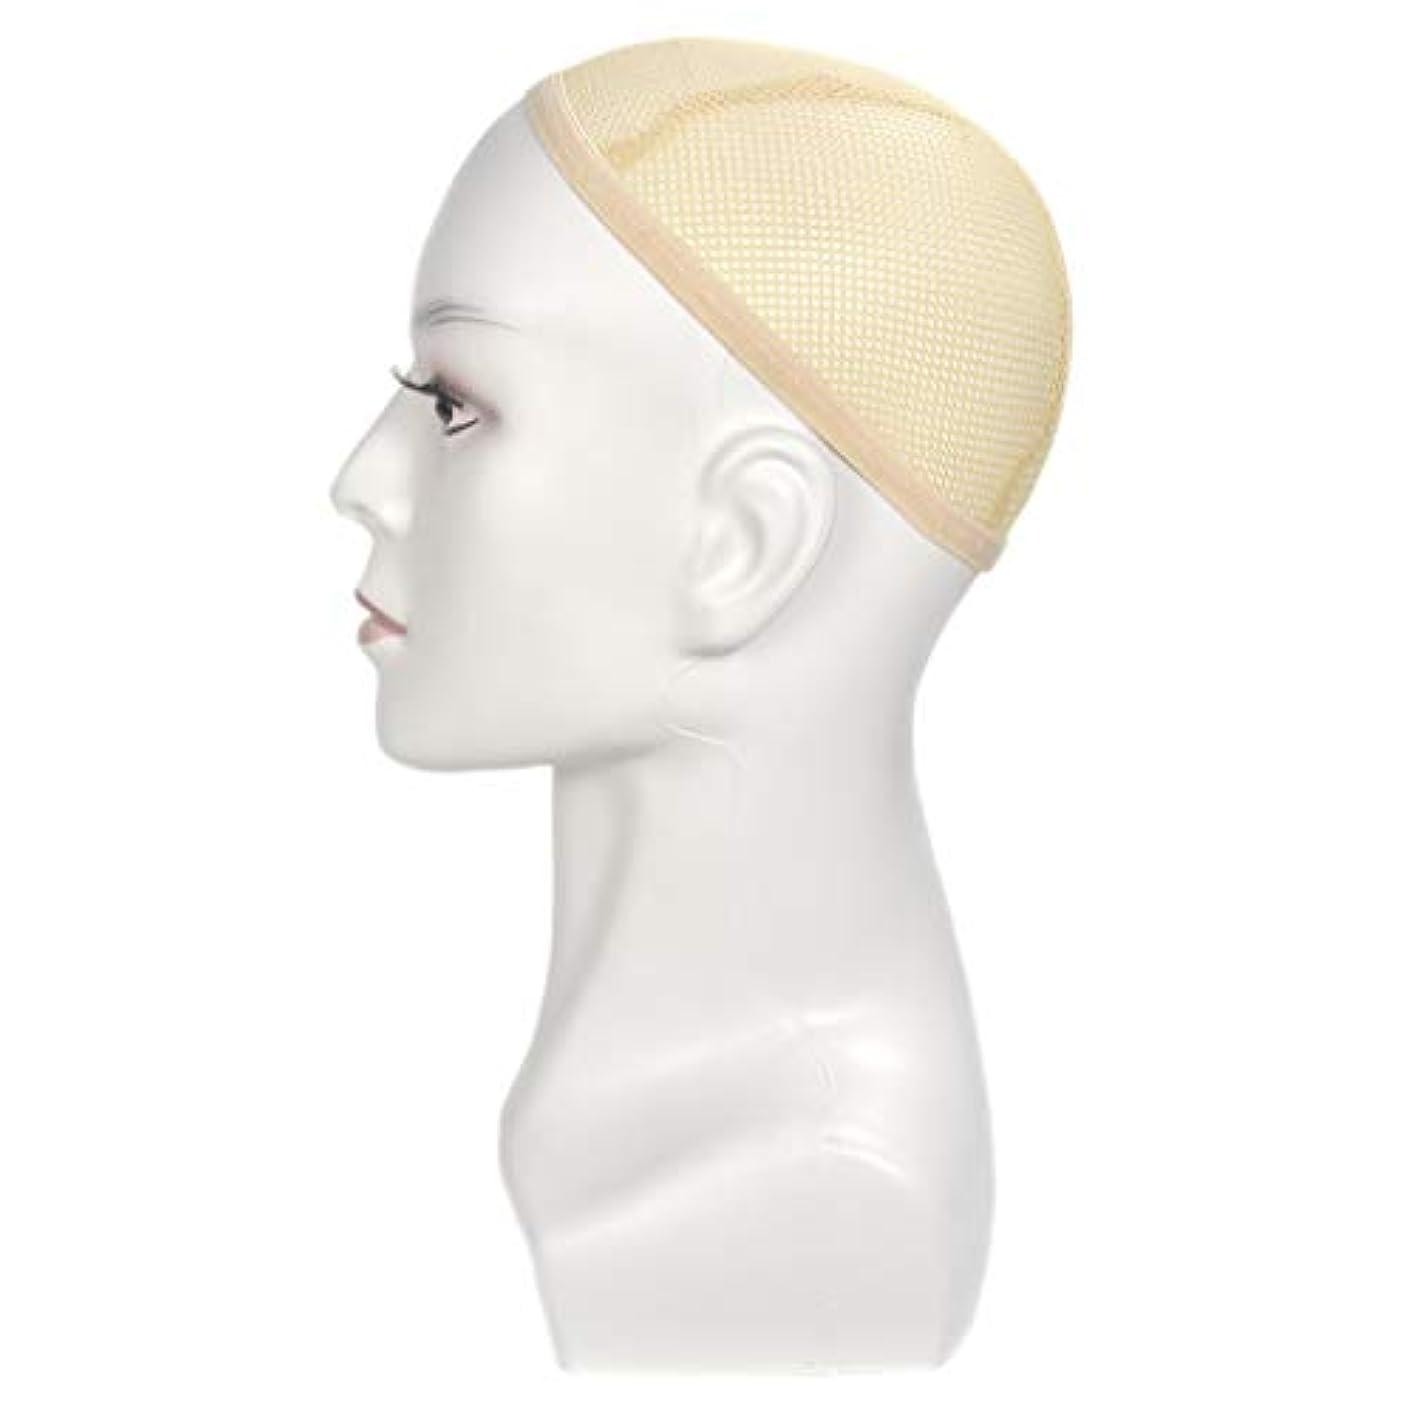 半ば報酬の感度ウィッグ用マネキンヘッドディスプレイスタイリング理髪トレーニングヘッド13.8インチ-色の選択 - 白